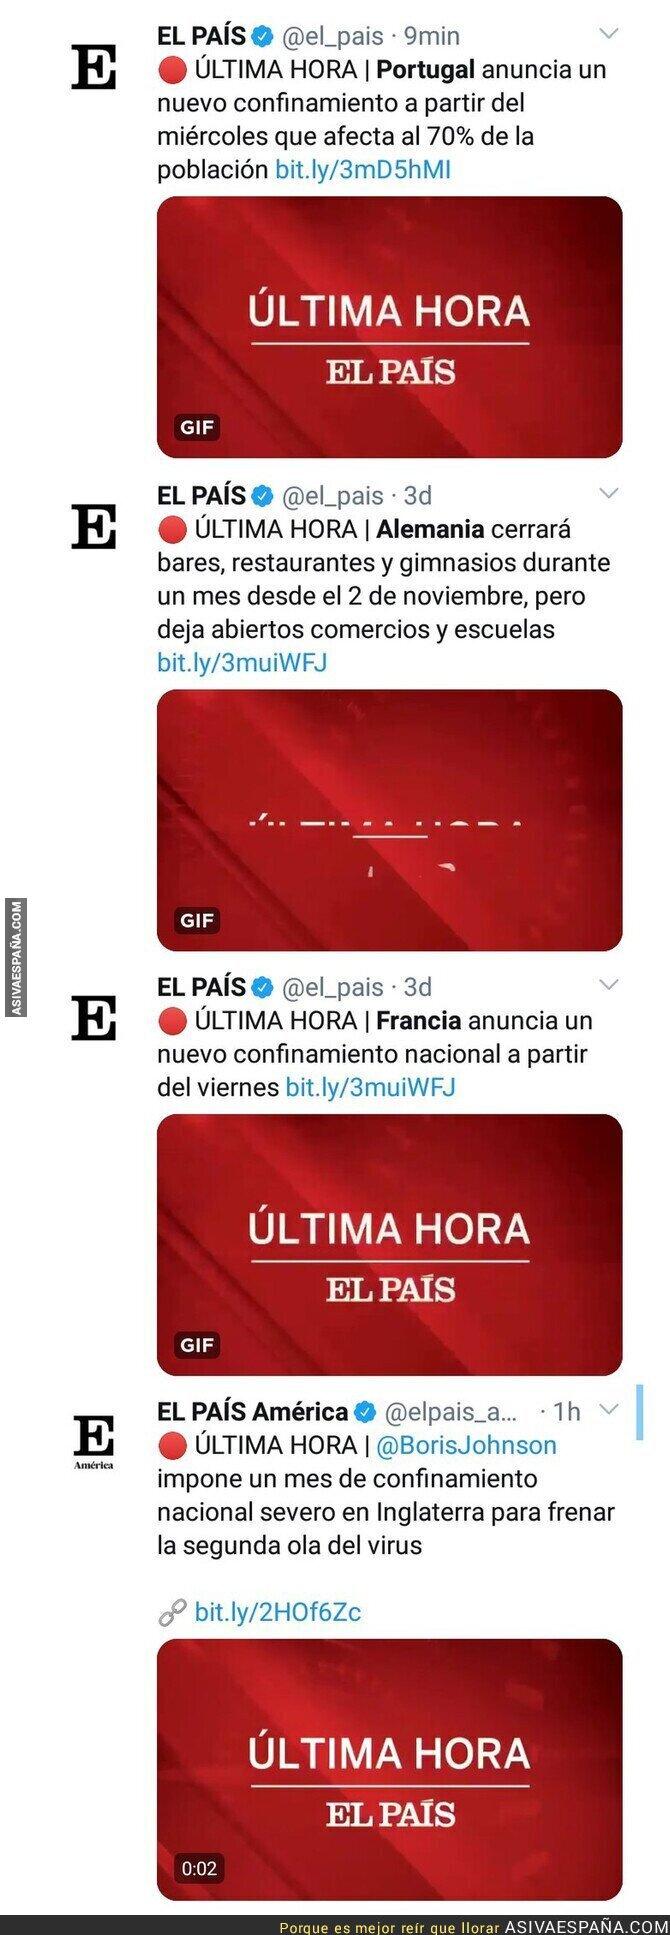 443570 - Después está España que ponen toque de queda nocturno y ves a todos quejándose y protestando por no poder irse de fiesta